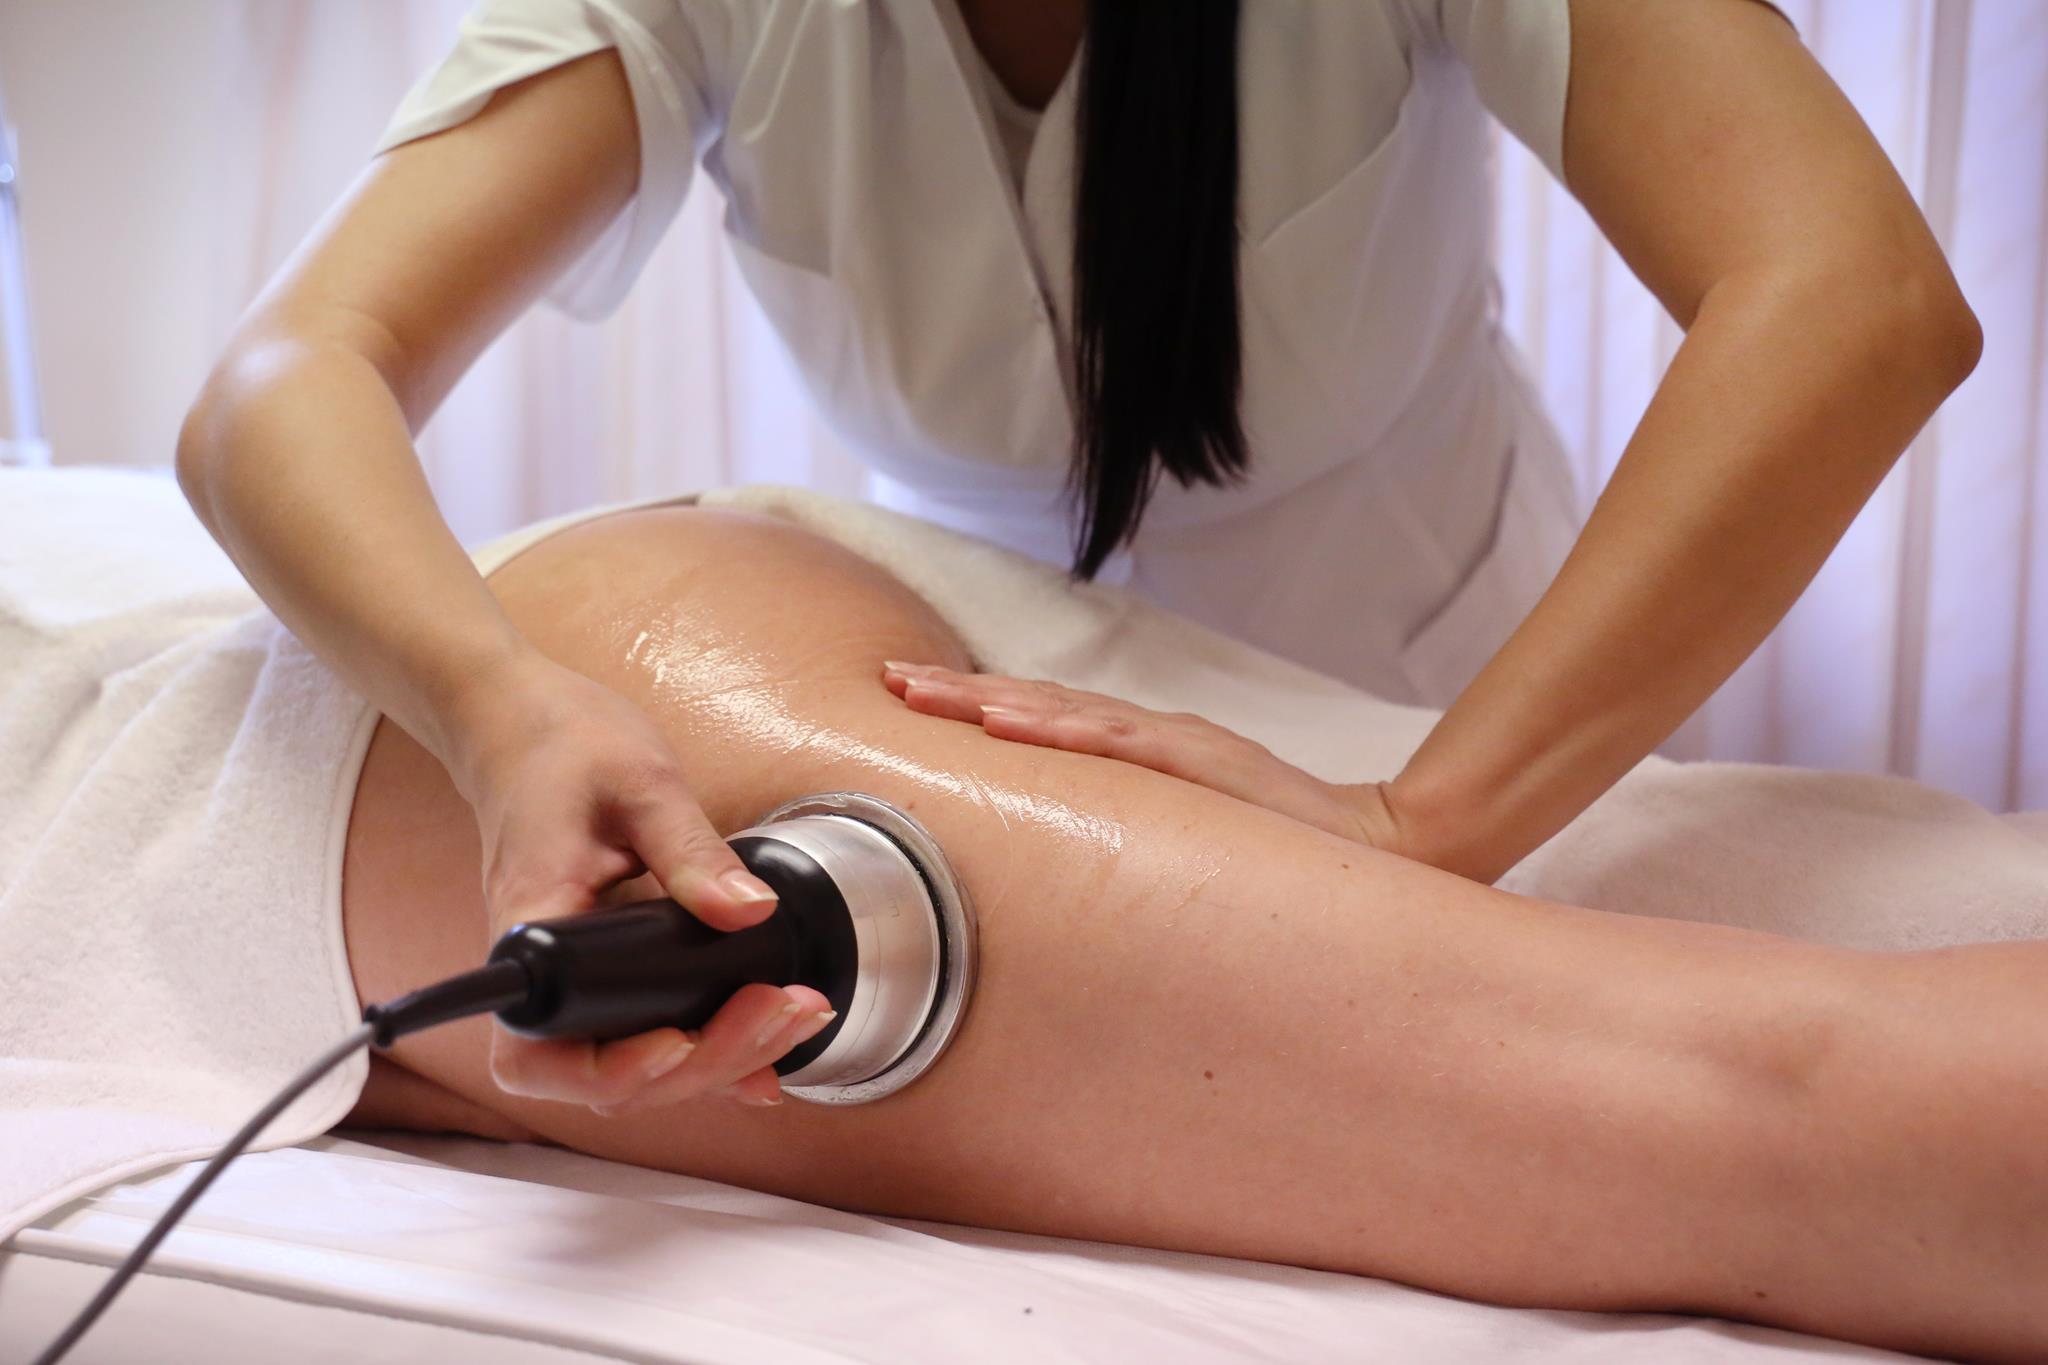 Кавитация – что это такое в косметологии? уз-кавитация (ультразвуковая липосакция) – противопоказания